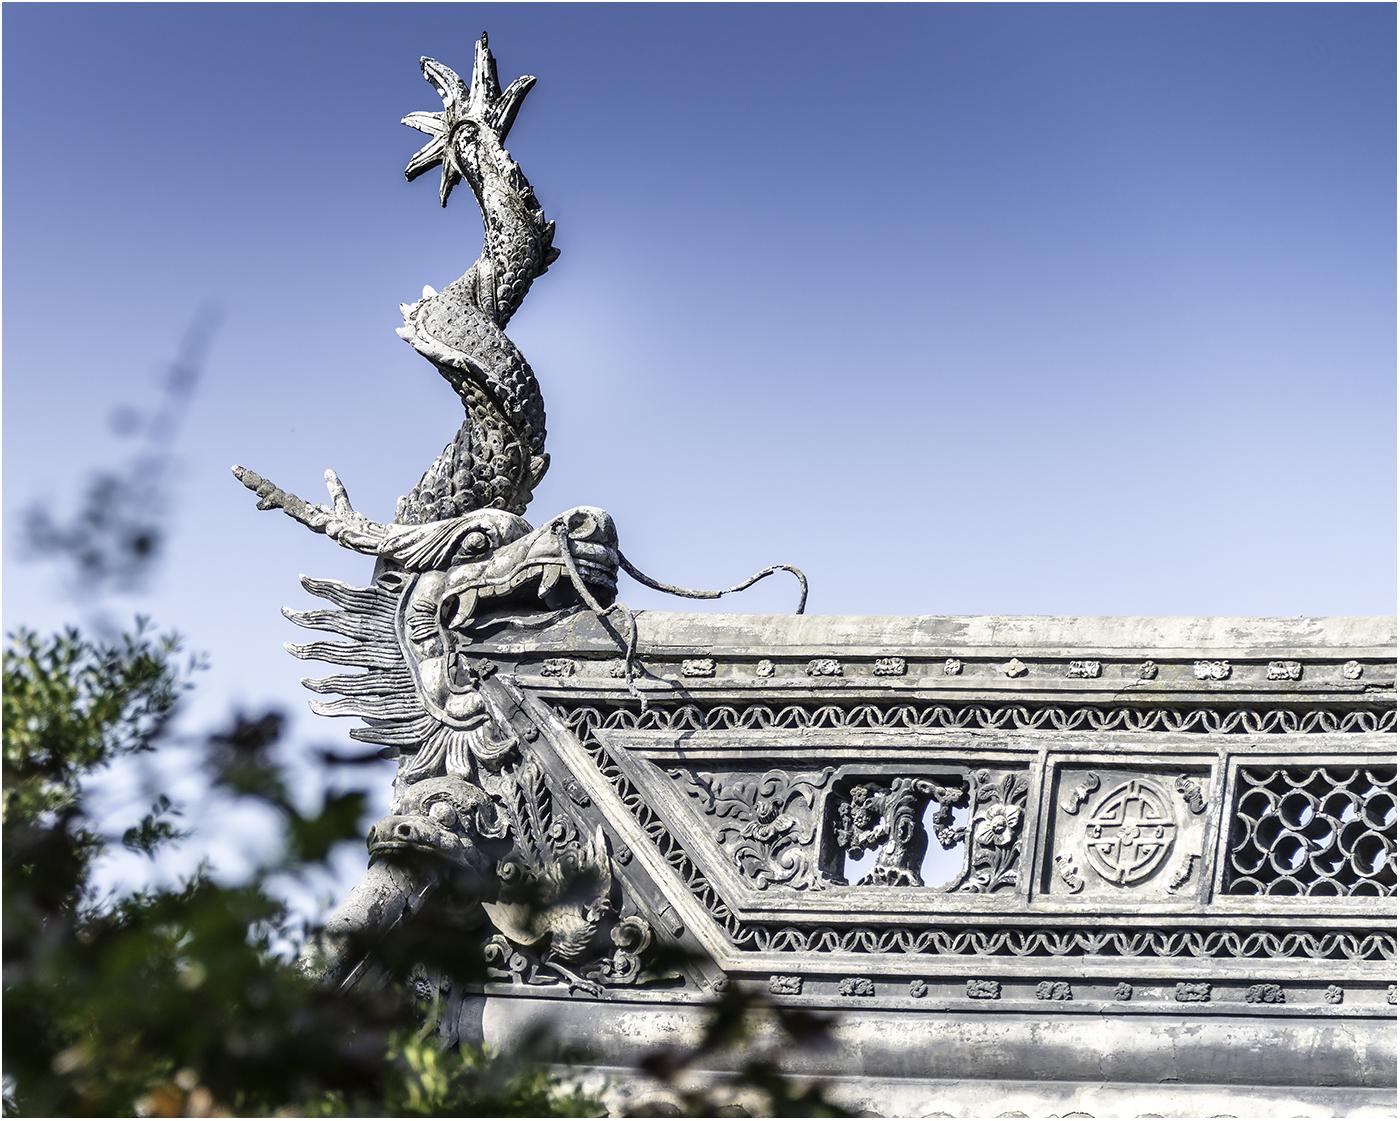 Древнекитайское зодчество, сохраненное до наших дней, поражает своим изяществом